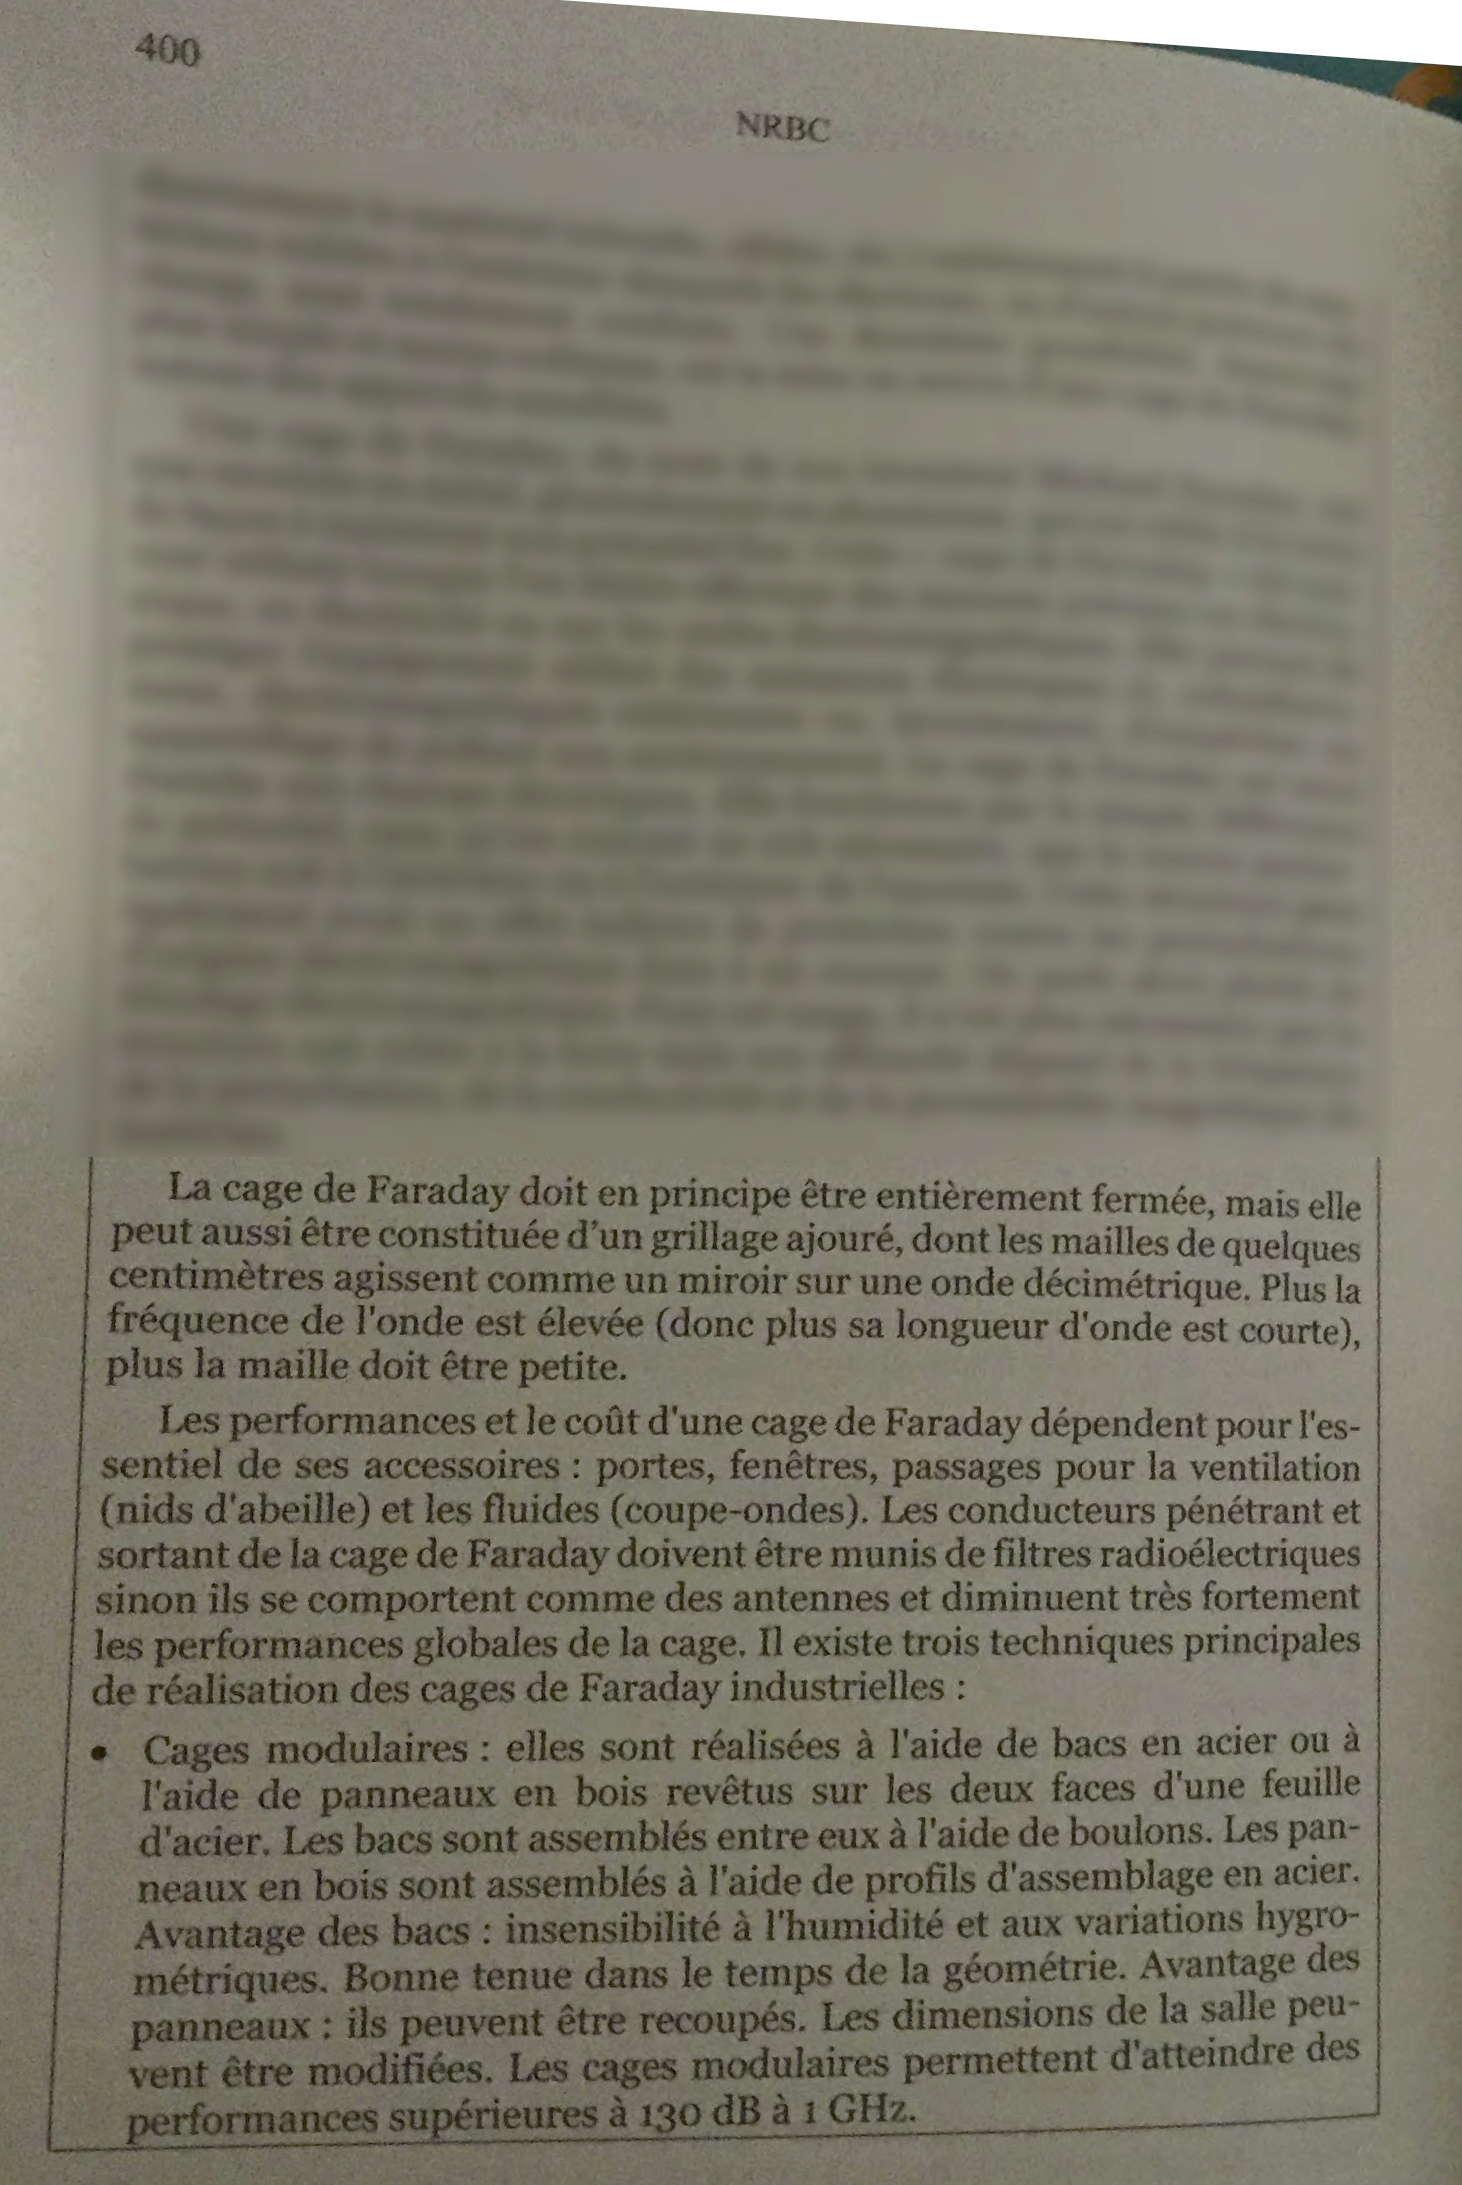 NRBC : Survivre aux évènements nucléaires, radiologiques, biologiques et chimique Piero San Giorgio  - Page 4 40010